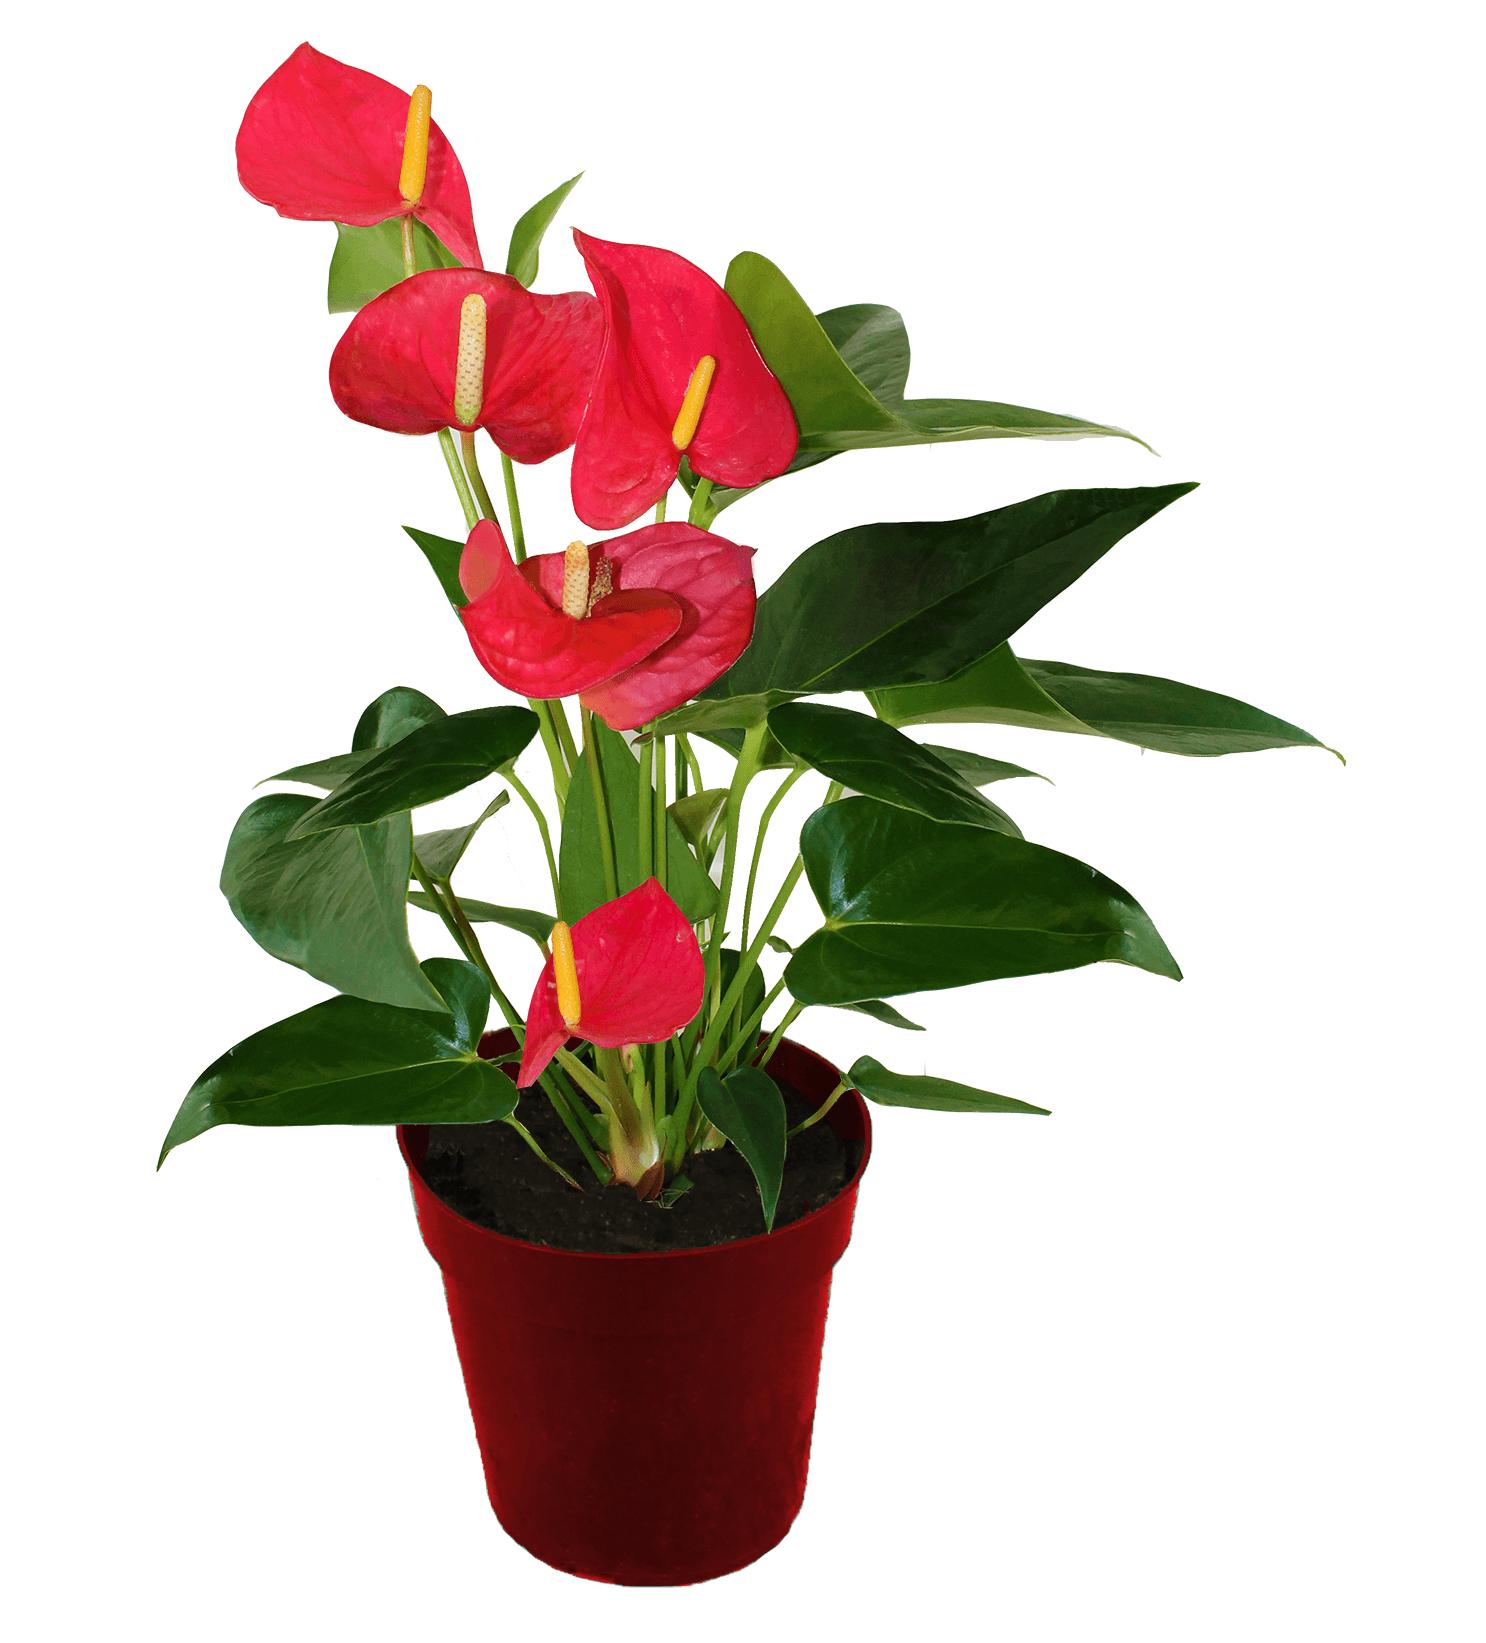 Anthurium Plant - Farm Fresh